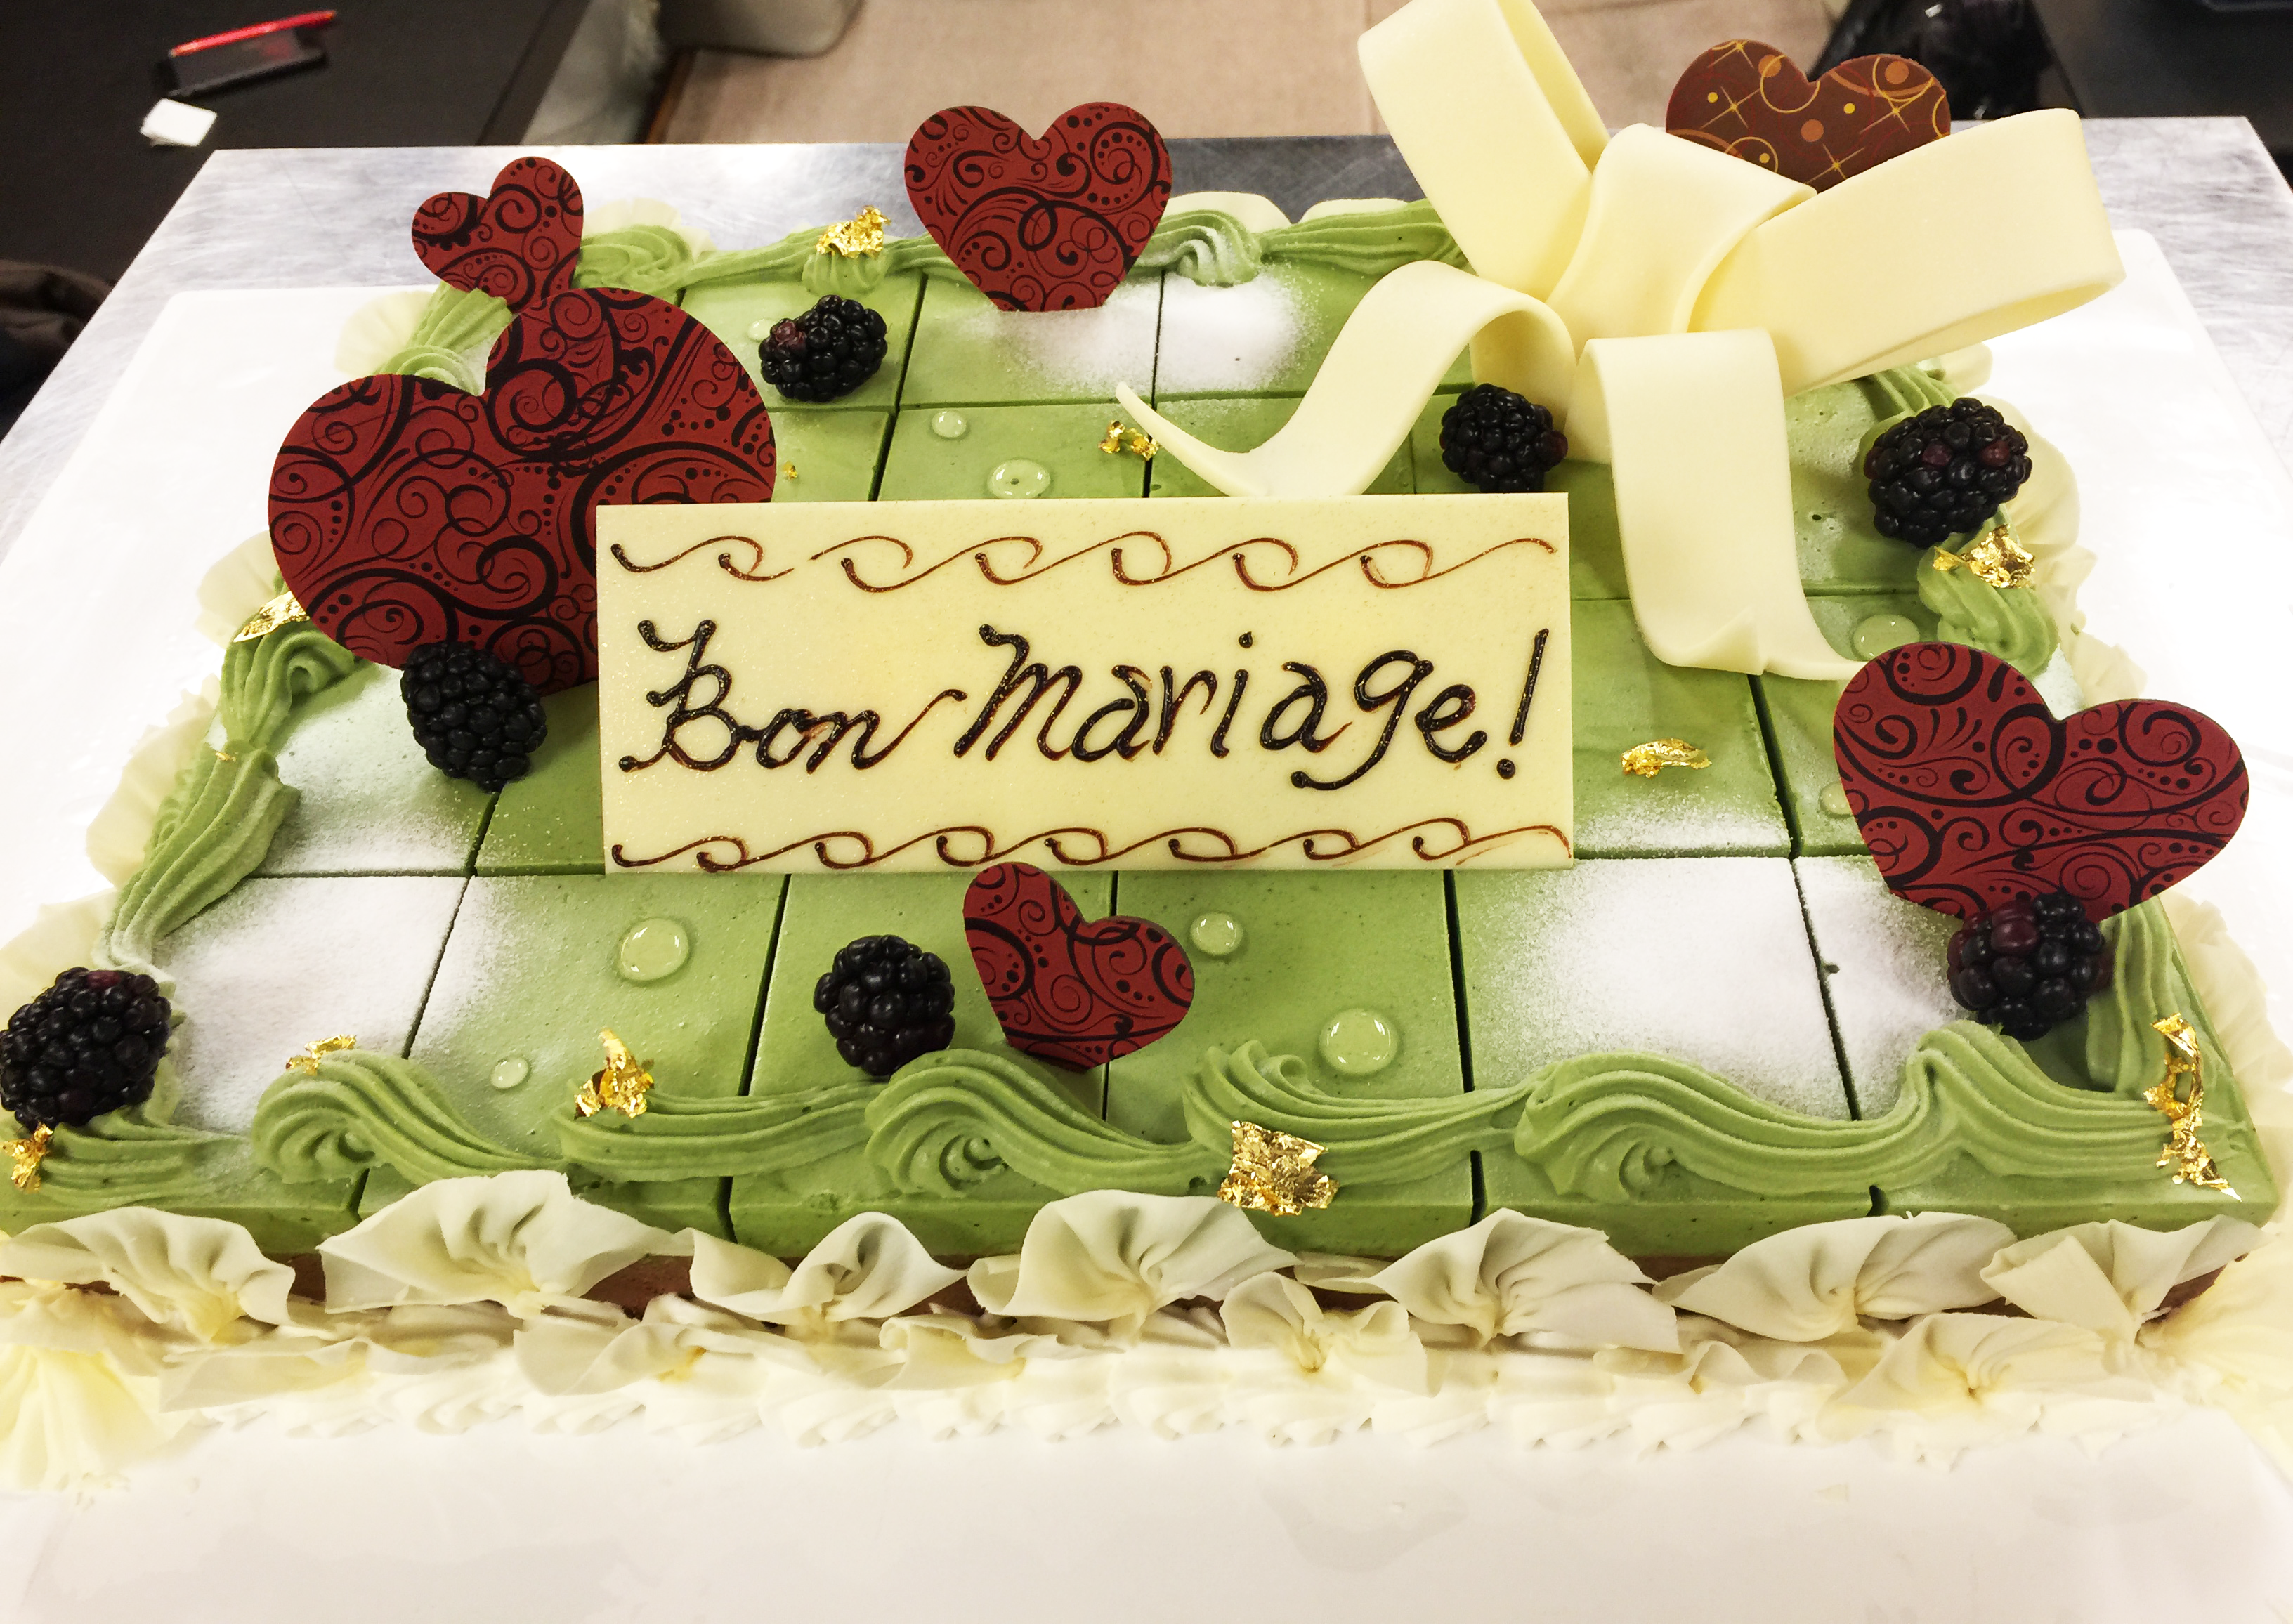 結婚披露パーティーケーキ